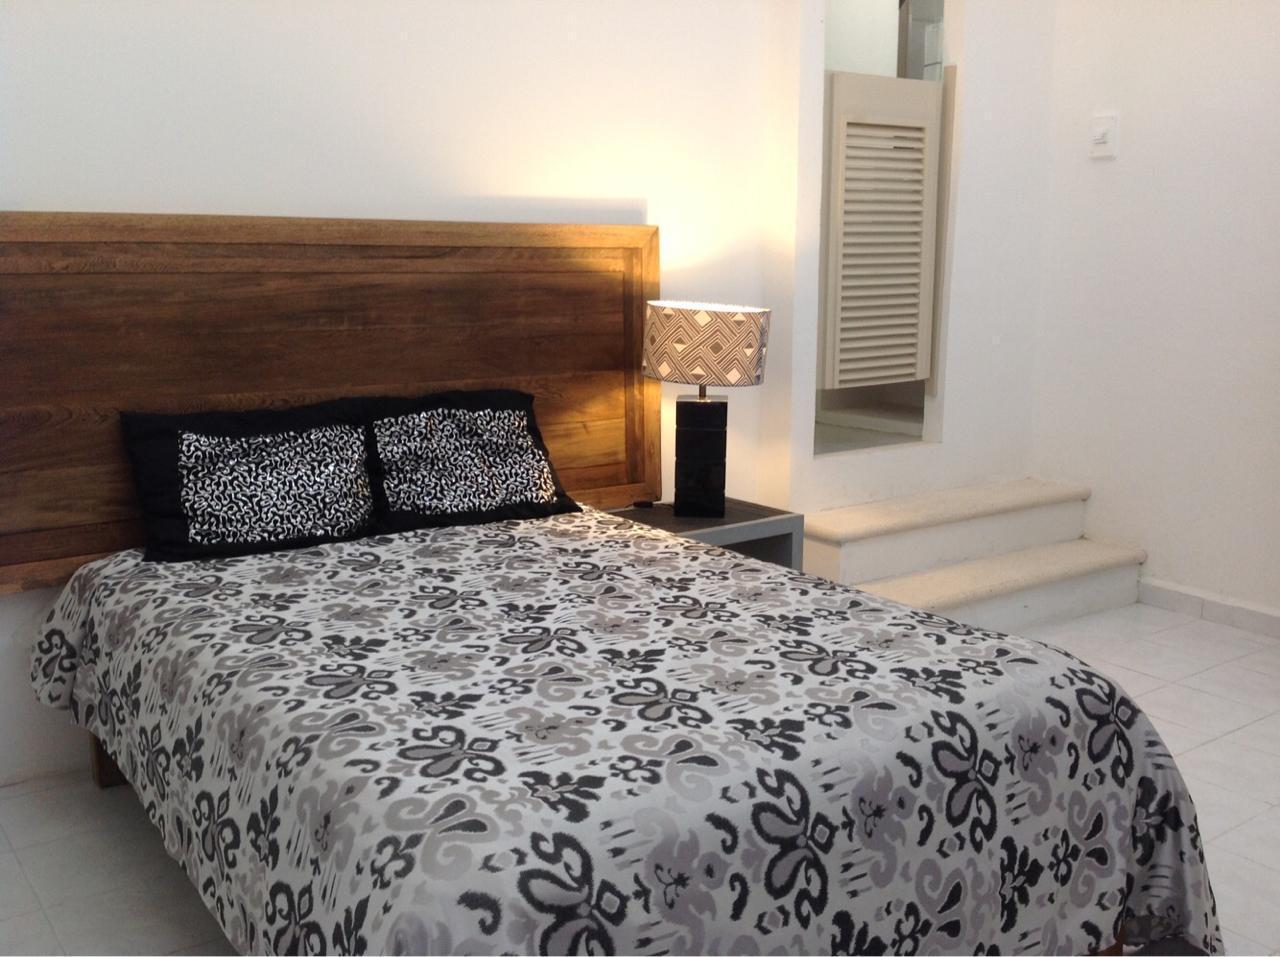 Estudios en renta amueblado y con excelenete ubicación en Cancún